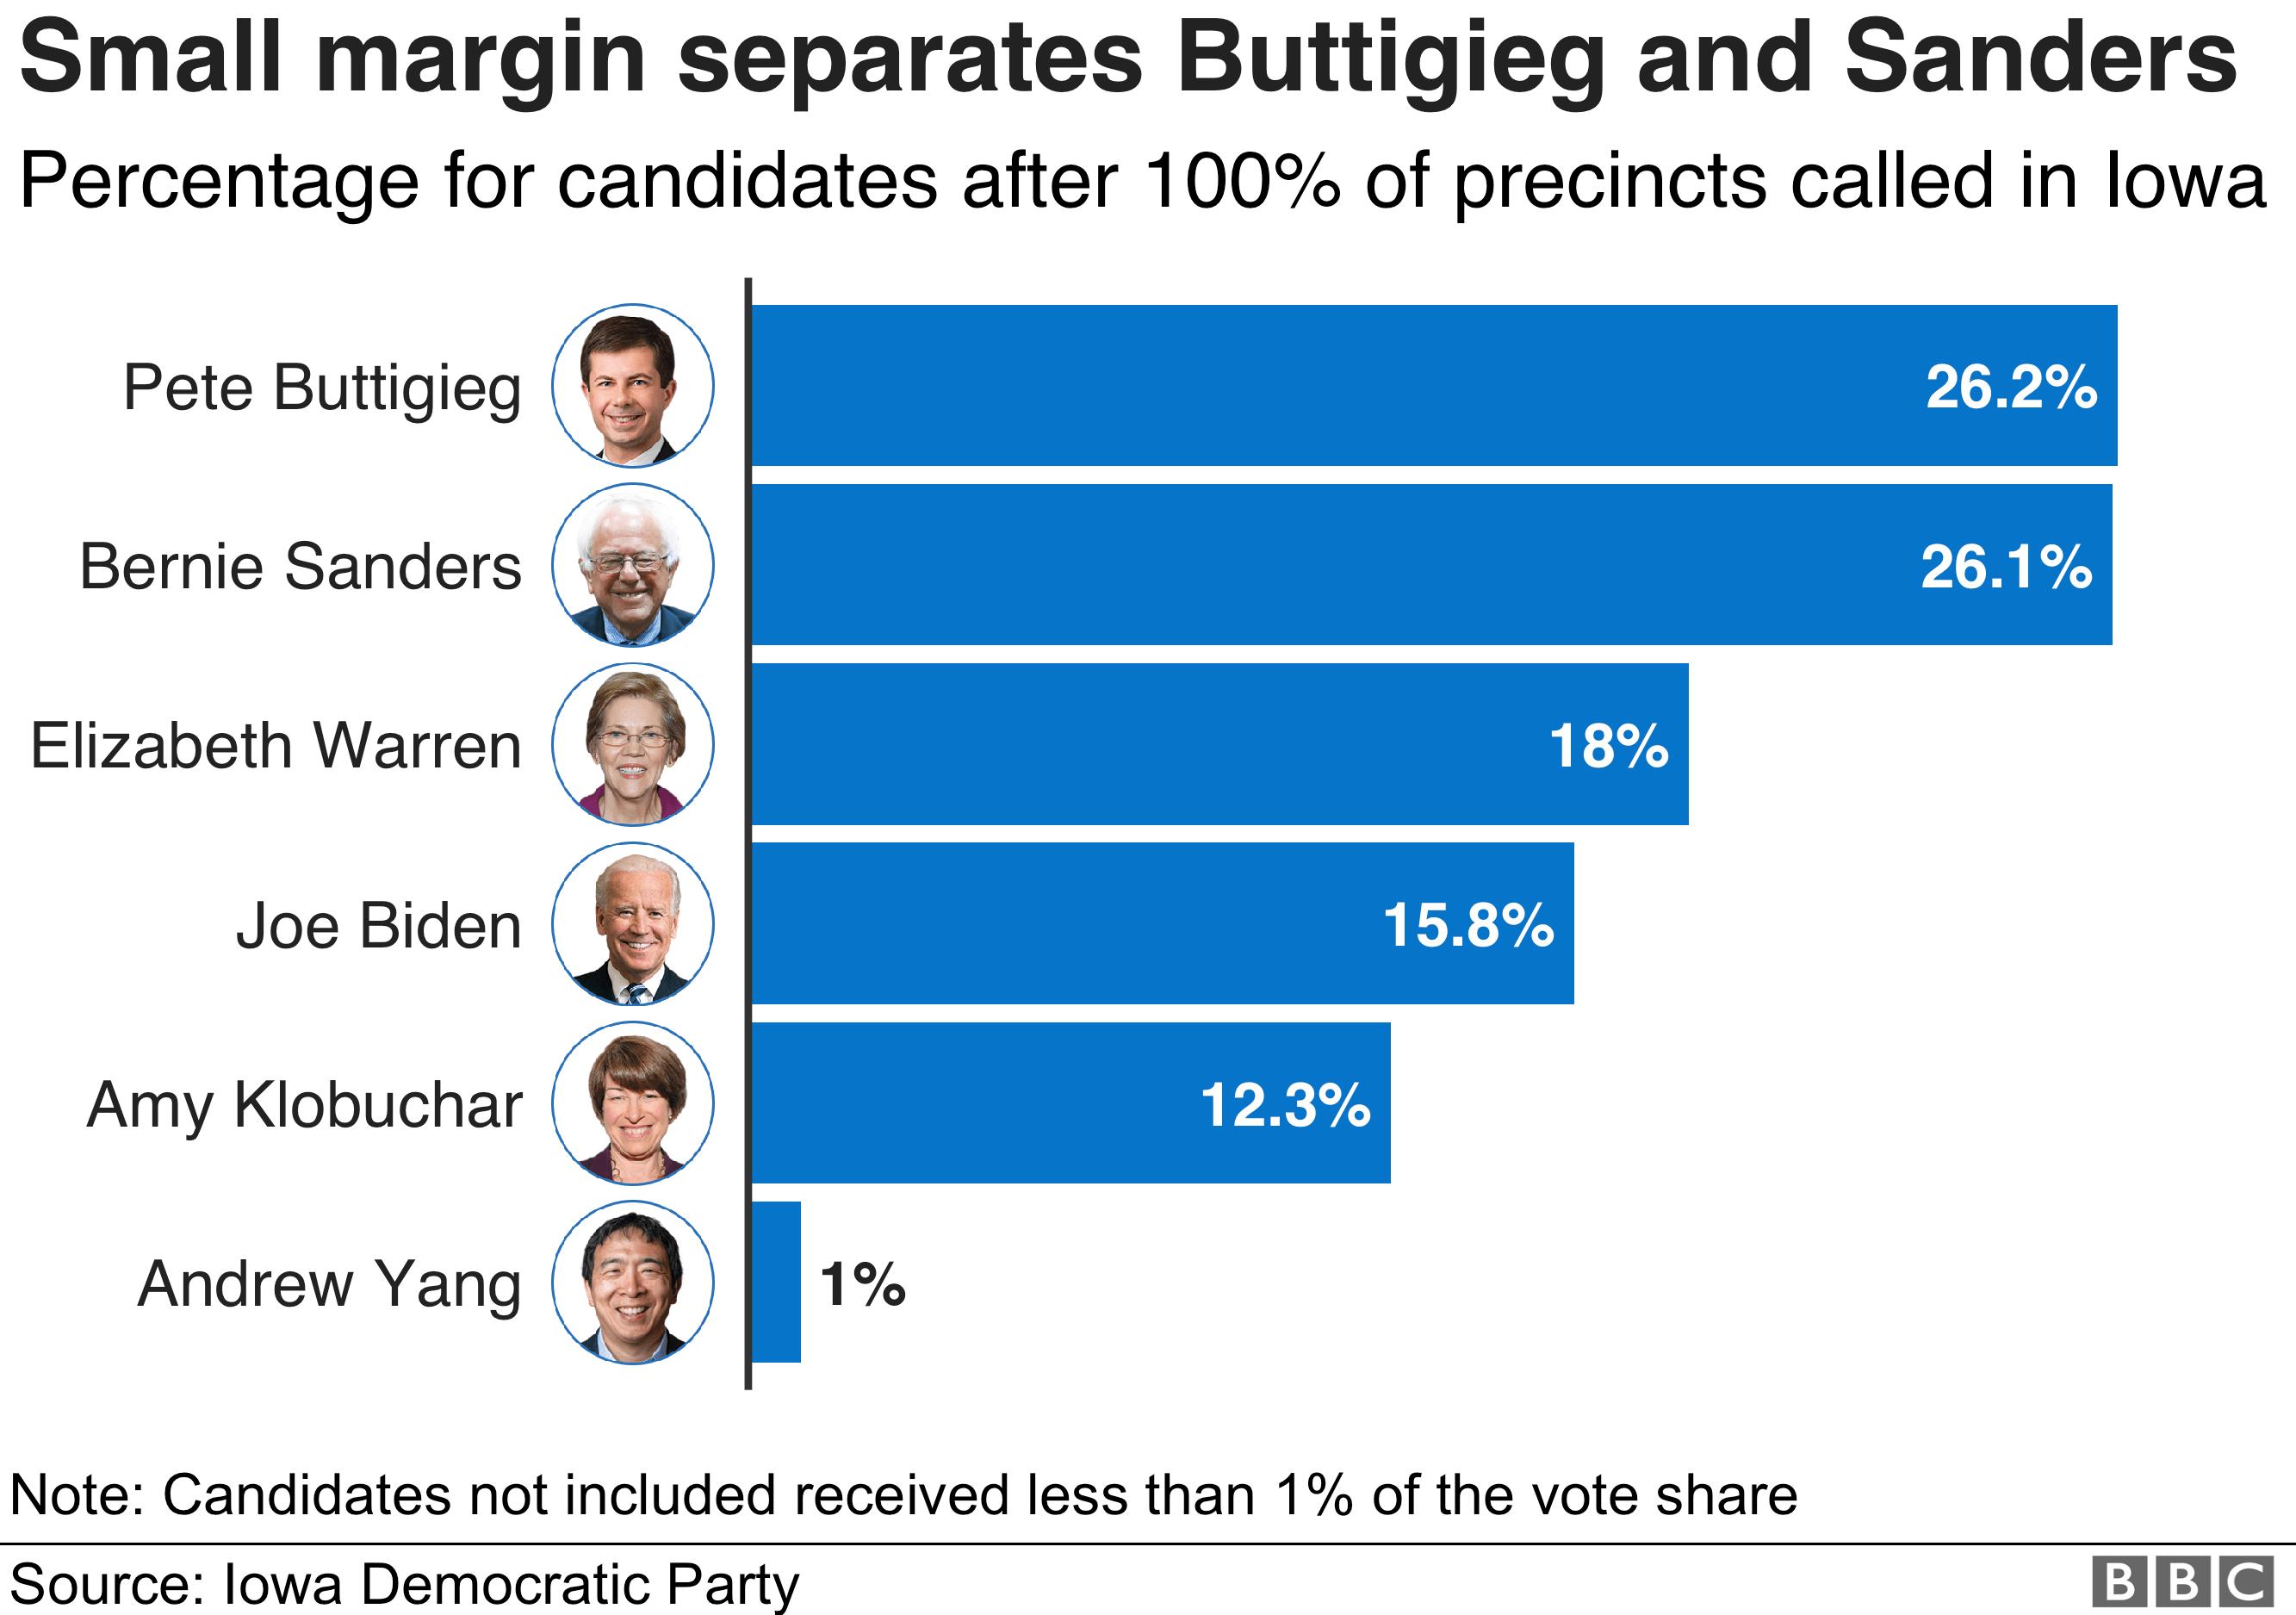 Chart showing a breakdown of the results in Iowa: Pete Buttigieg 26.2%, Bernie Sanders 26.1%, Elizabeth Warren 18%, Joe Biden 15.8%, Amy Klobuchar 12.3%, Andrew Yang 1%